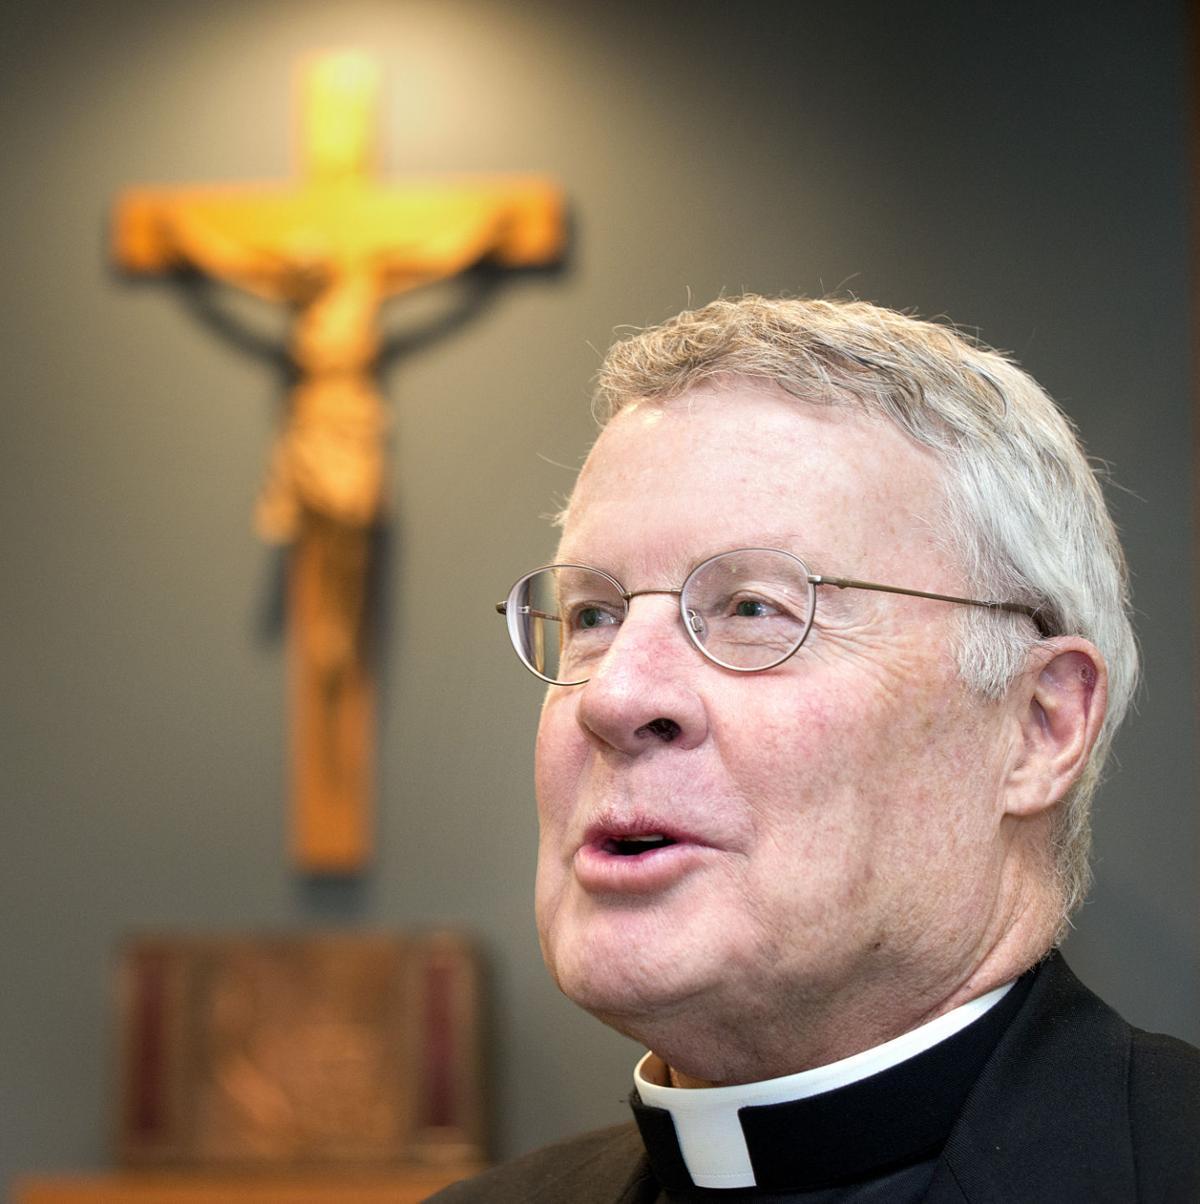 Bishop Nickless